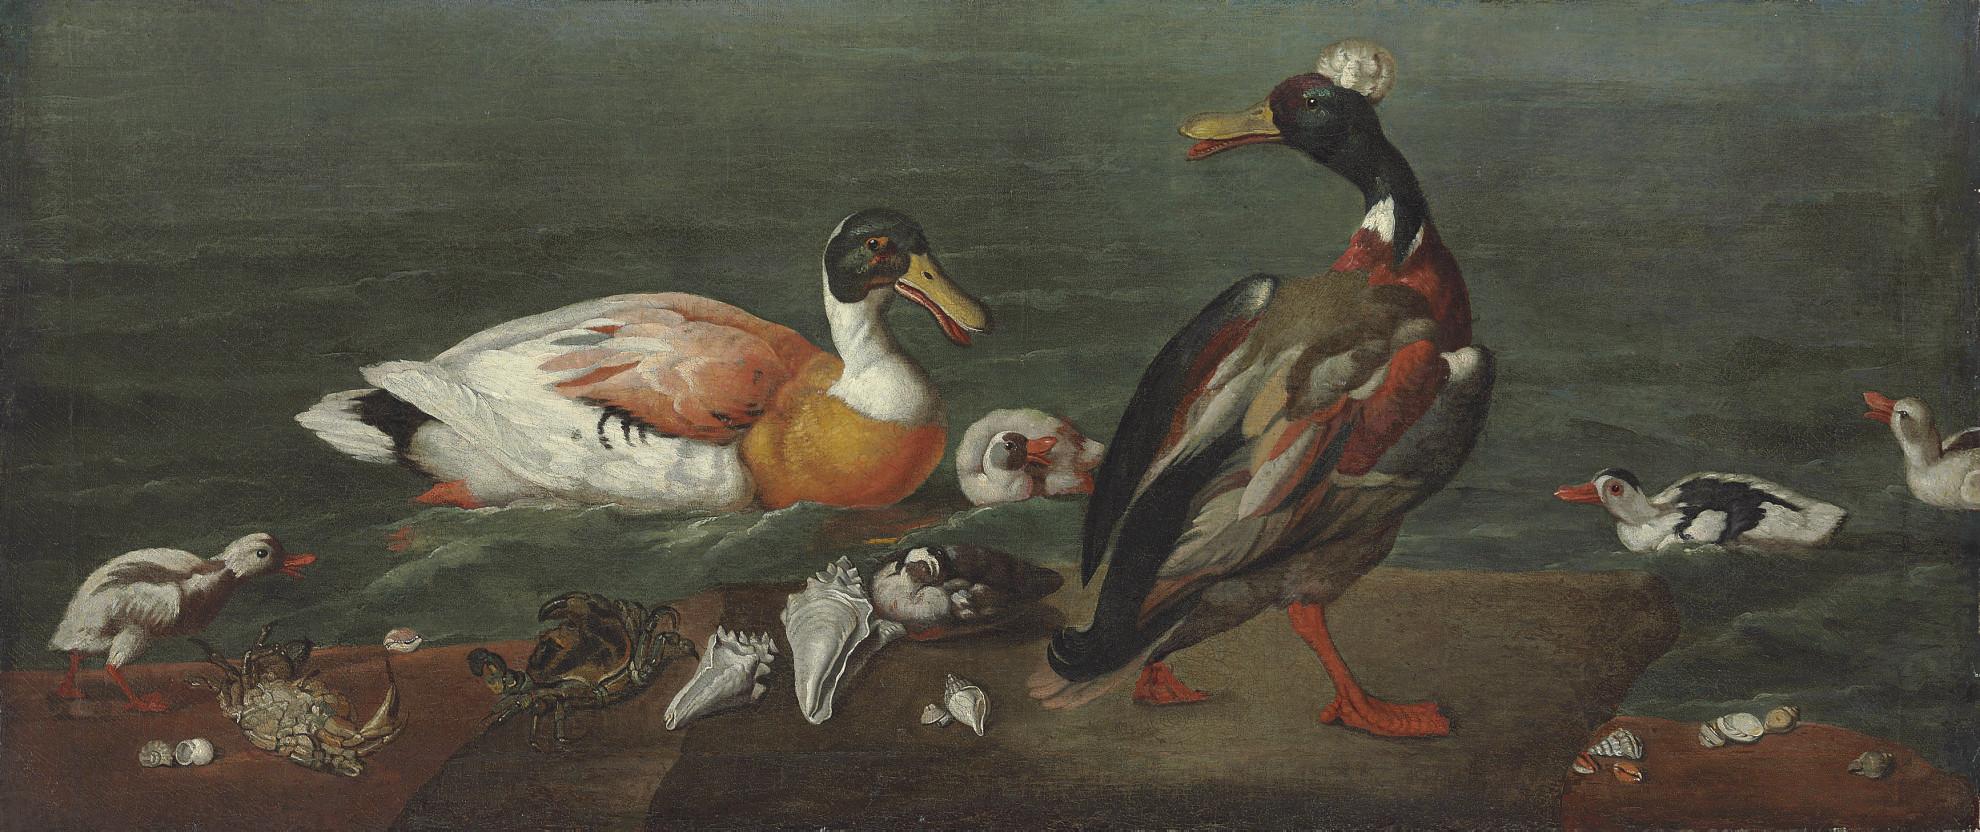 Cornelia de Ryck b. Delft 1656